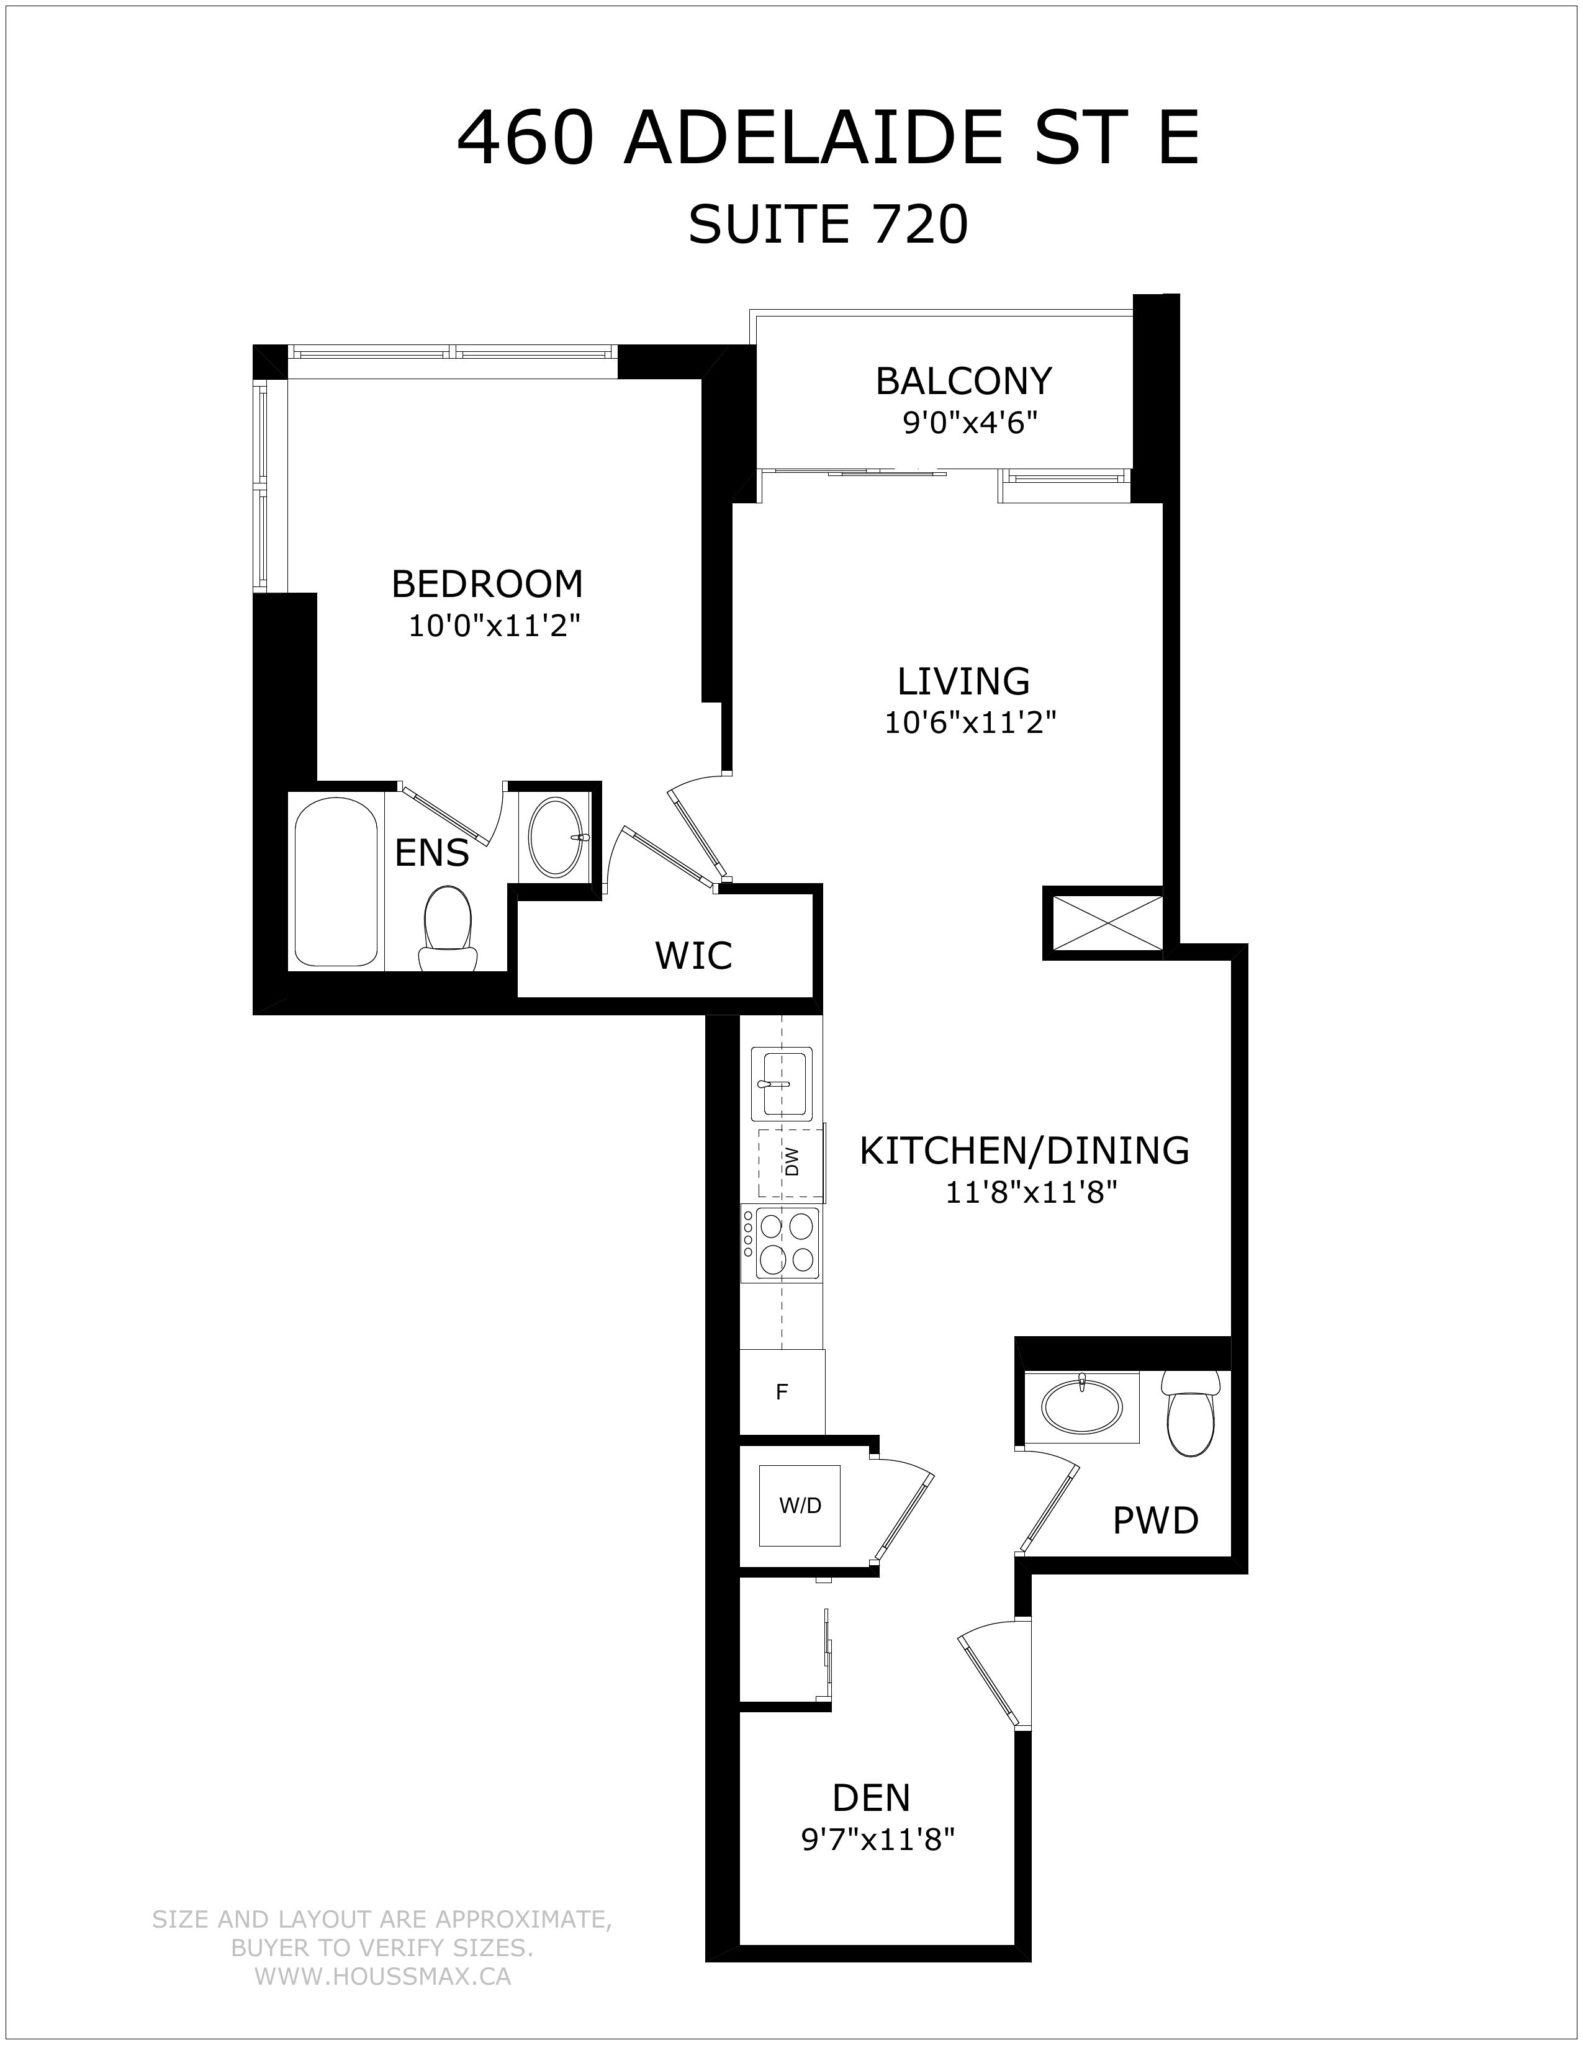 460 Adelaide St E, Unit 620's Floor Pl